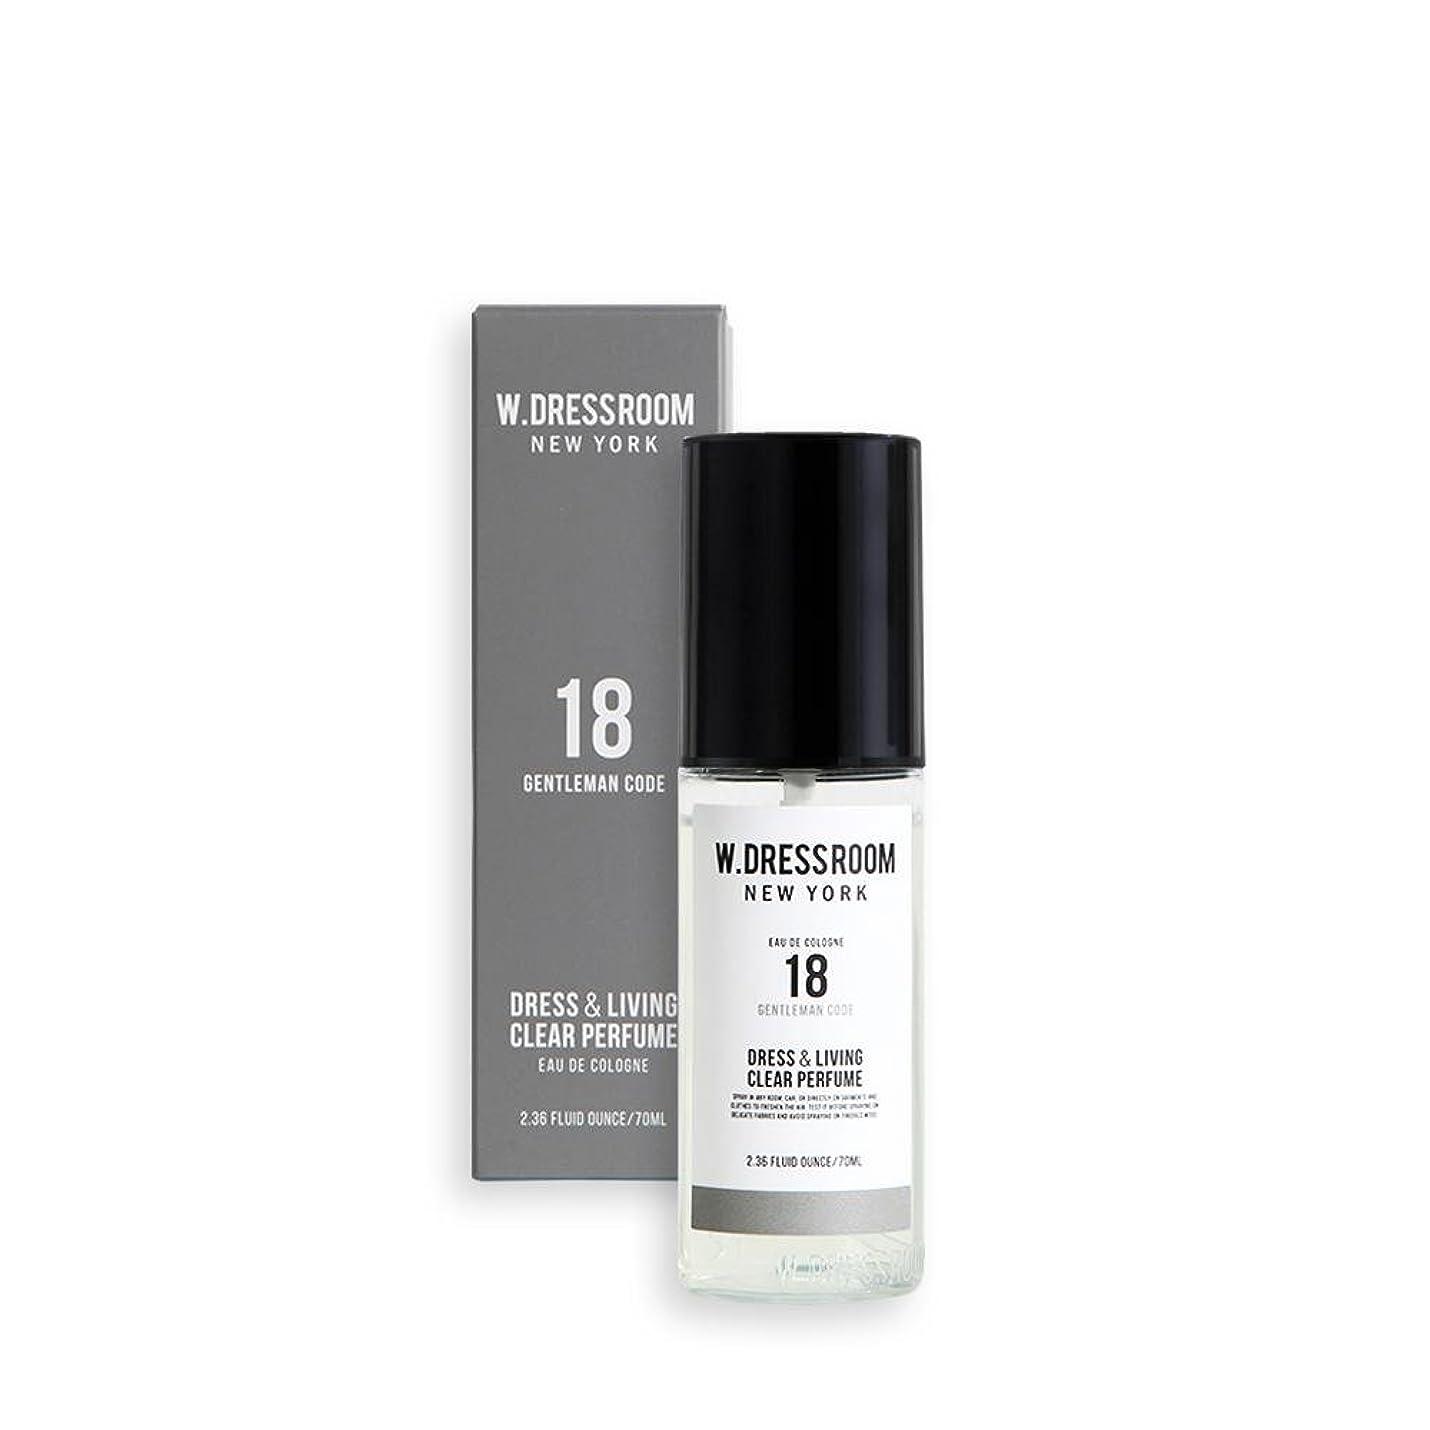 持ってる症候群減衰W.DRESSROOM Dress & Living Clear Perfume fragrance 70ml (#No.18 Gentleman Code)/ダブルドレスルーム ドレス&リビング クリア パフューム 70ml (#No.18 Gentleman Code)